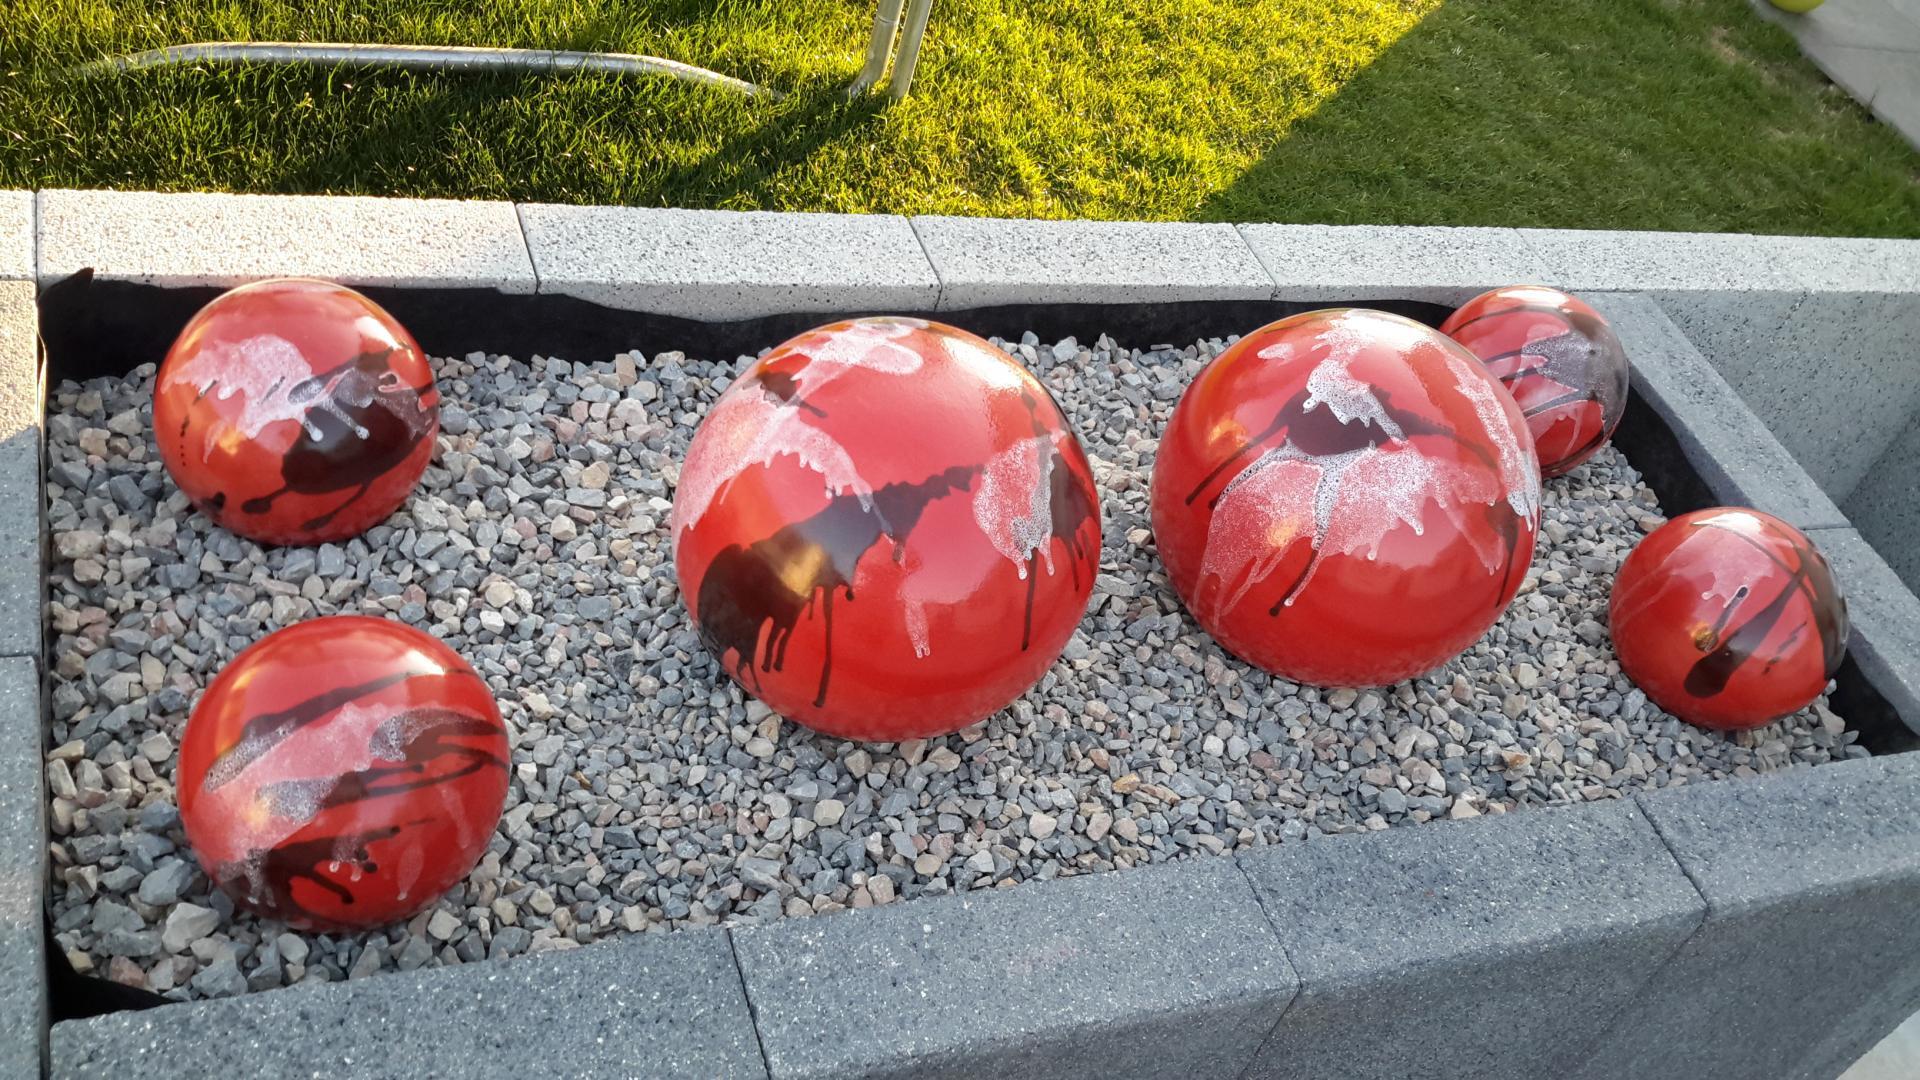 Boules En Grès Pour La Décoration Extérieure, Poteries De Jardin destiné Boule Céramique Jardin